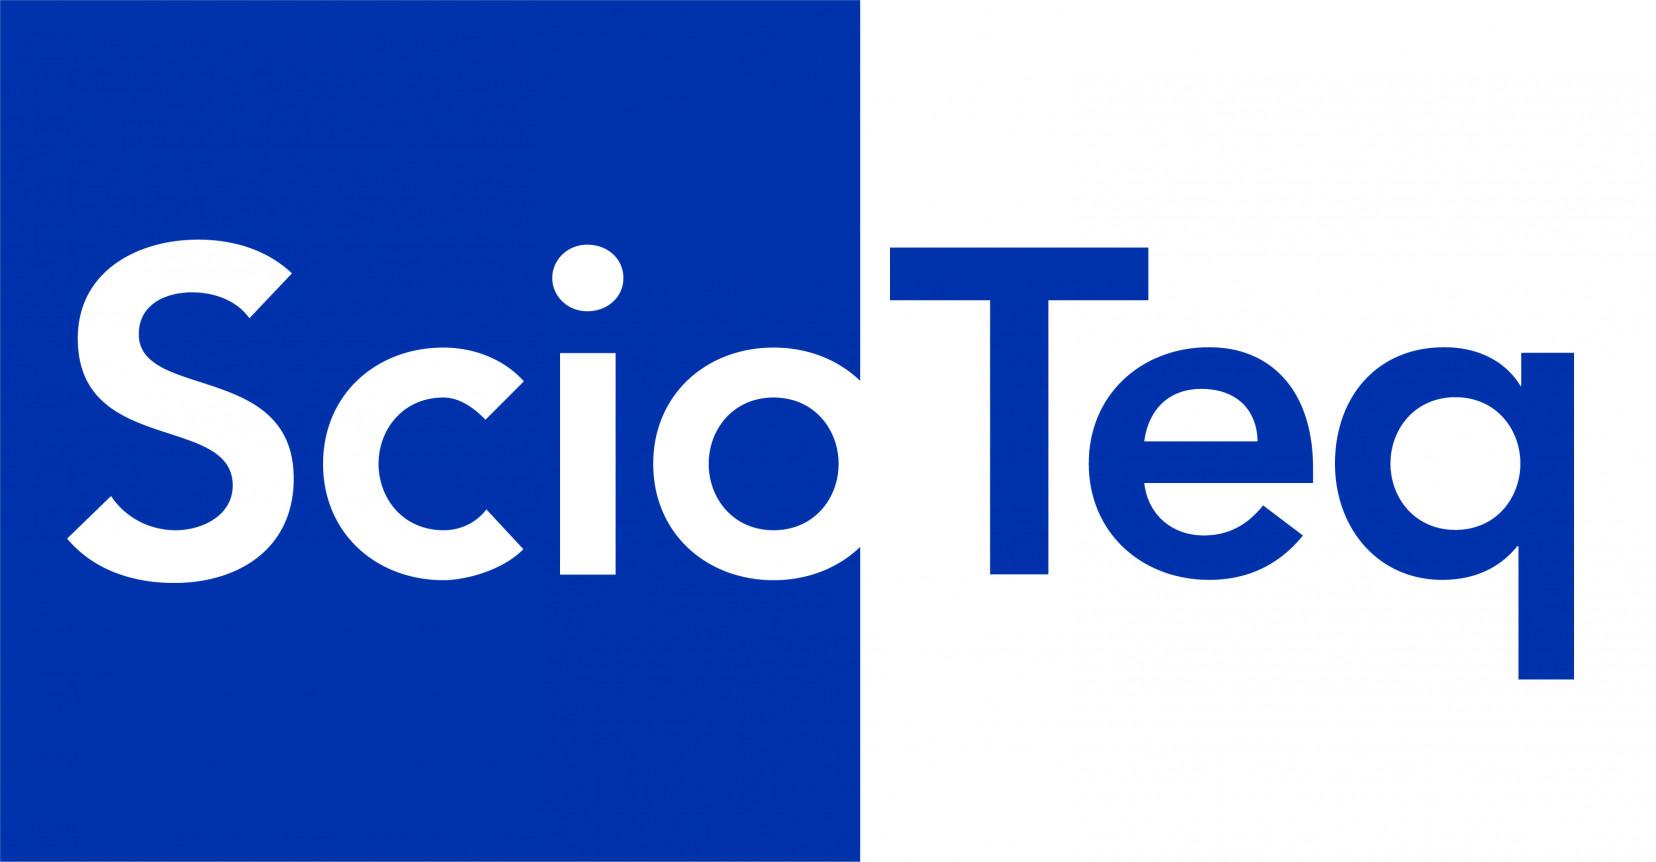 ScioTeq-logo